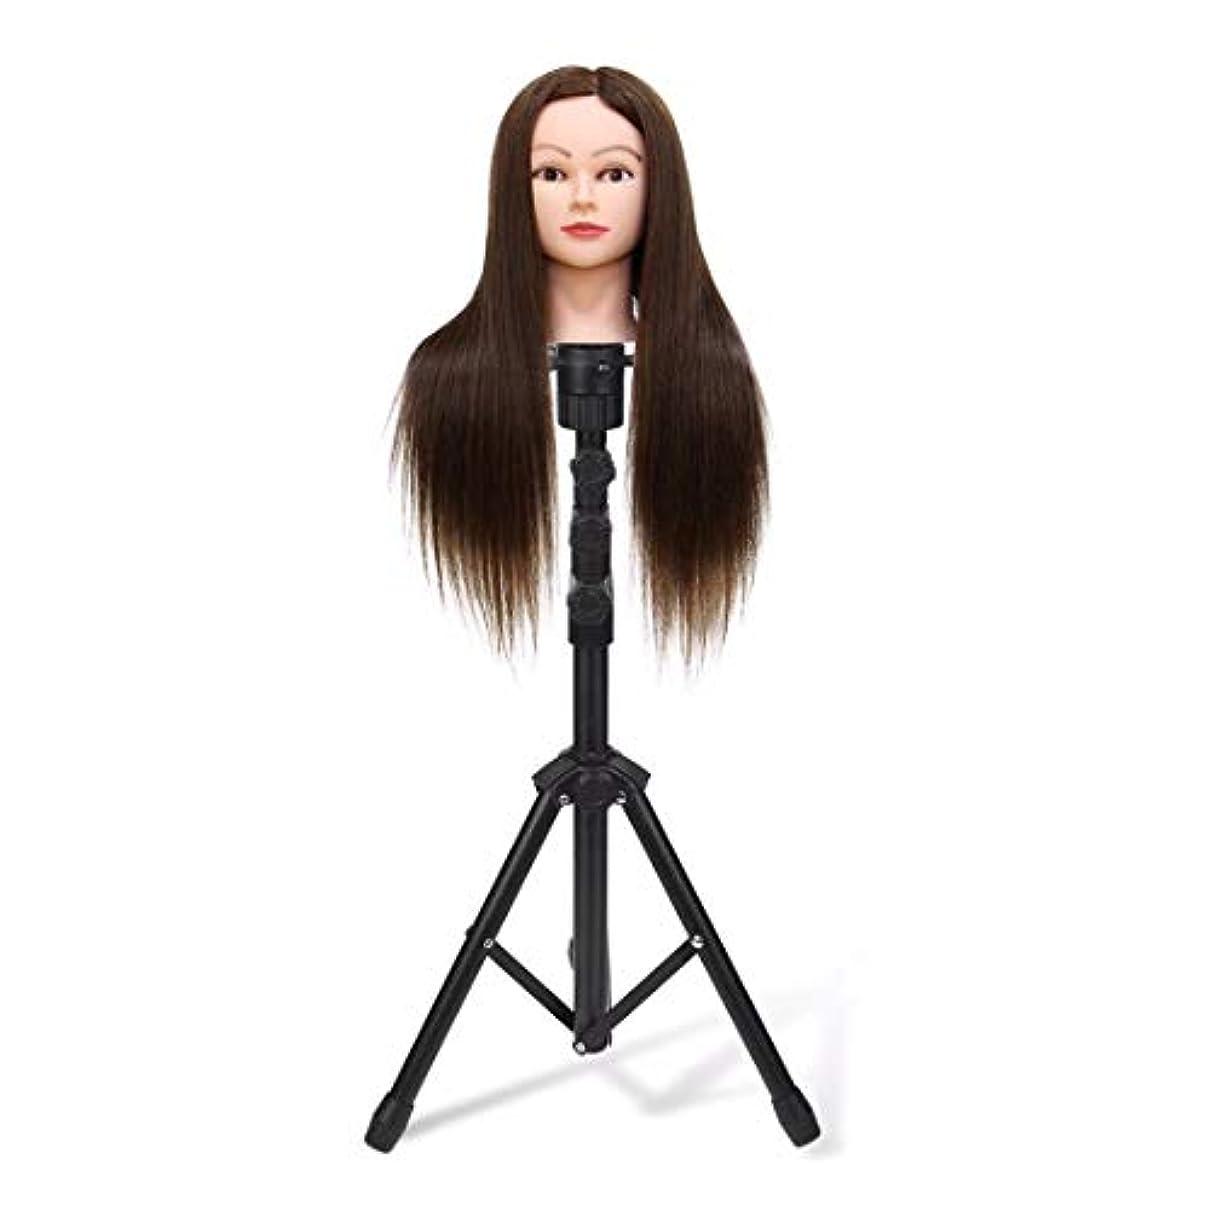 水差しセールスマン伝記WTYD 美容ヘアツール 美容整形式三脚スタンドサロントレーニングヘッドヘアウィッグブラケットホルダー、身長:80-150cm